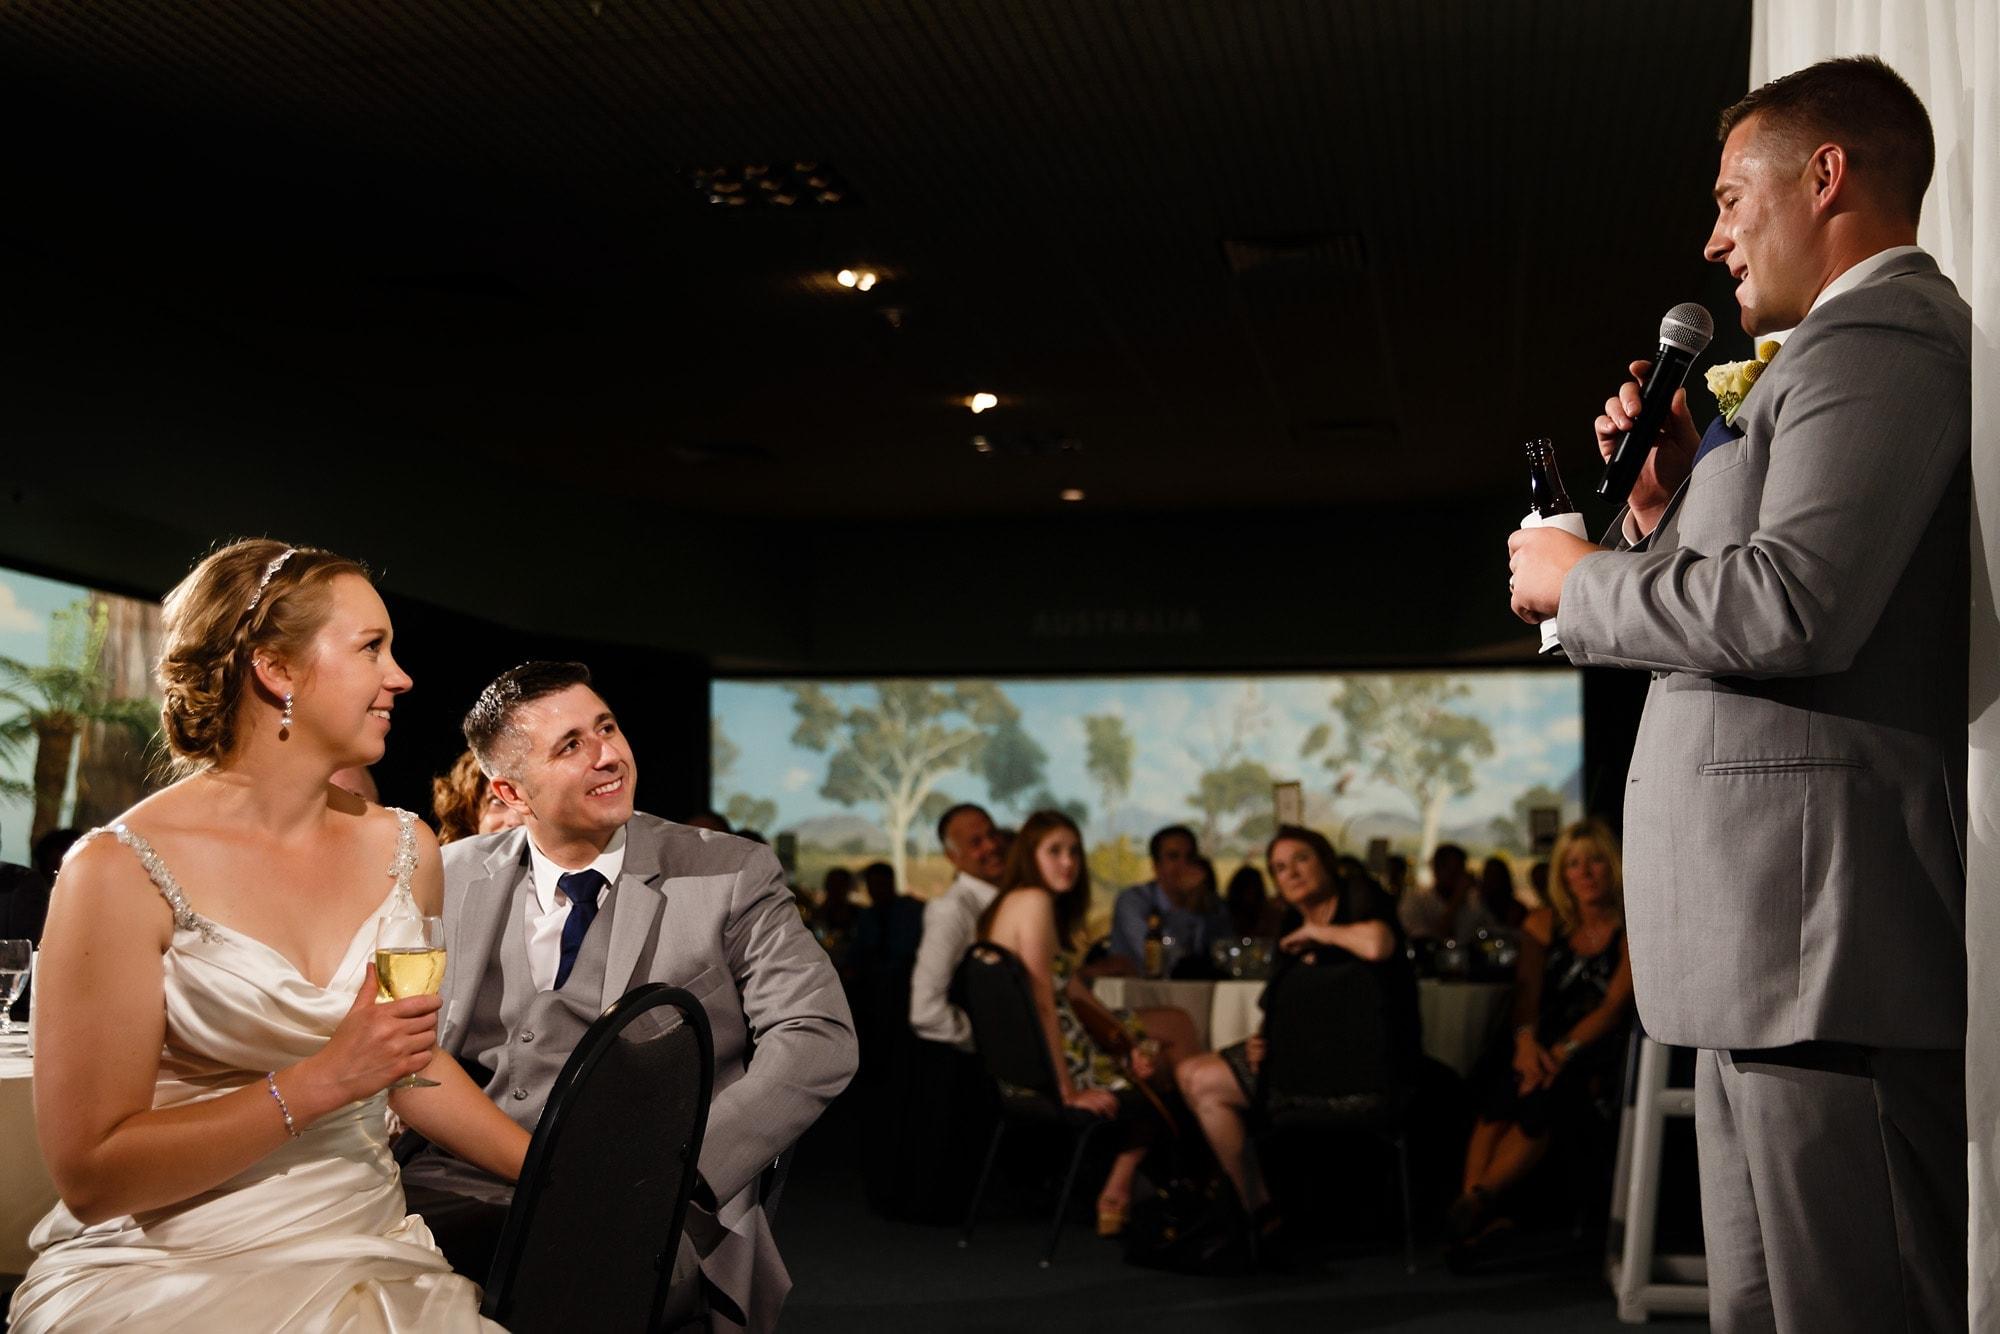 A groomsman shares a speech during dinner